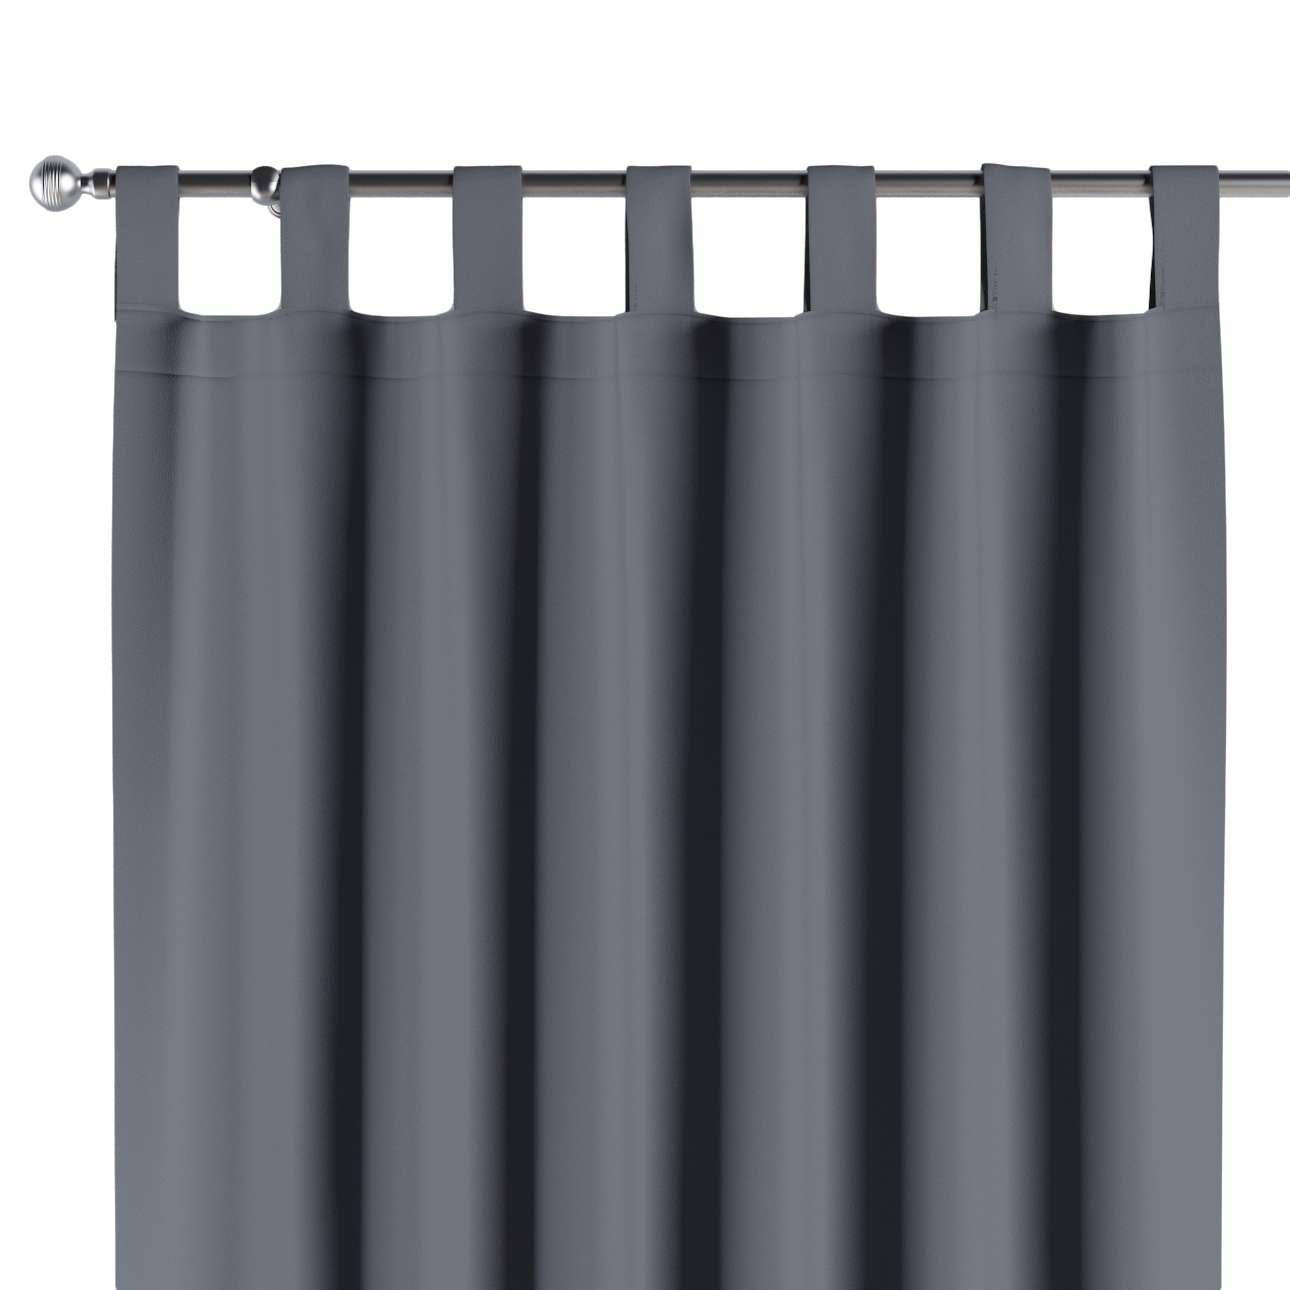 Verdunklungsvorhänge mit Schlaufen 1 Stk. 140x260 cm von der Kollektion Blackout (verdunkelnd), Stoff: 269-76